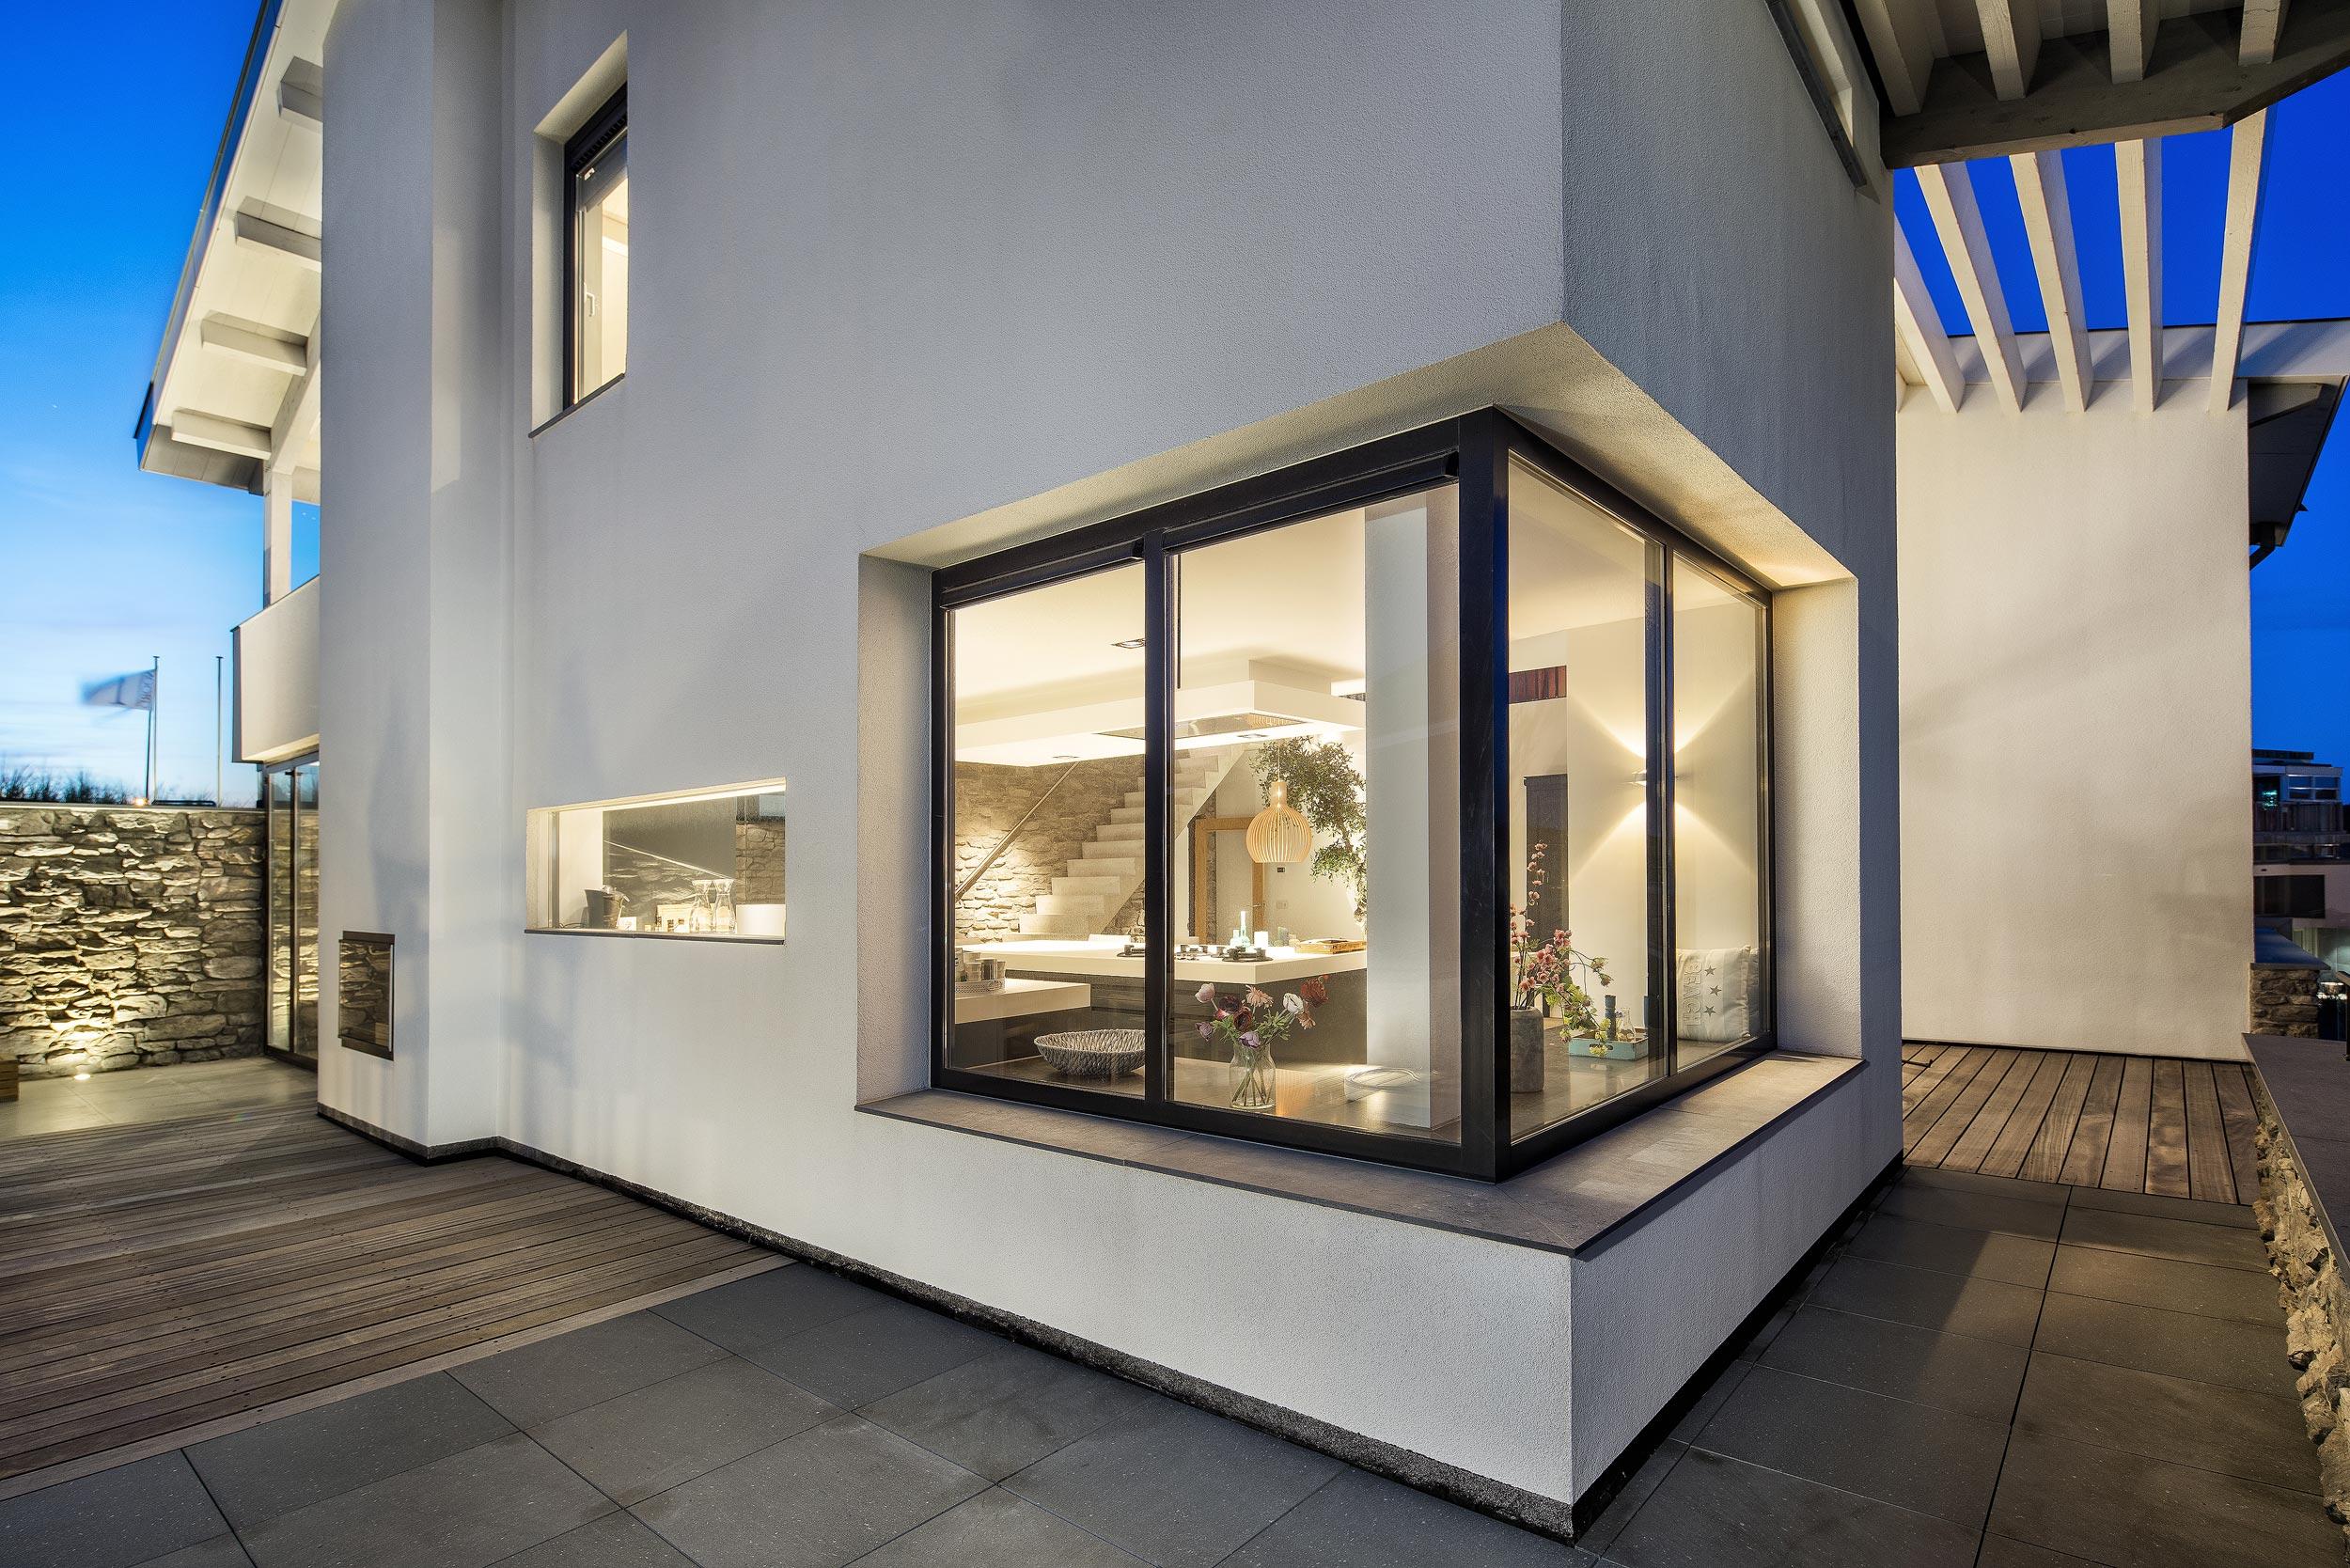 Villa Bergen aan Zee - architectuurfotograaf Chiel de Nooyer